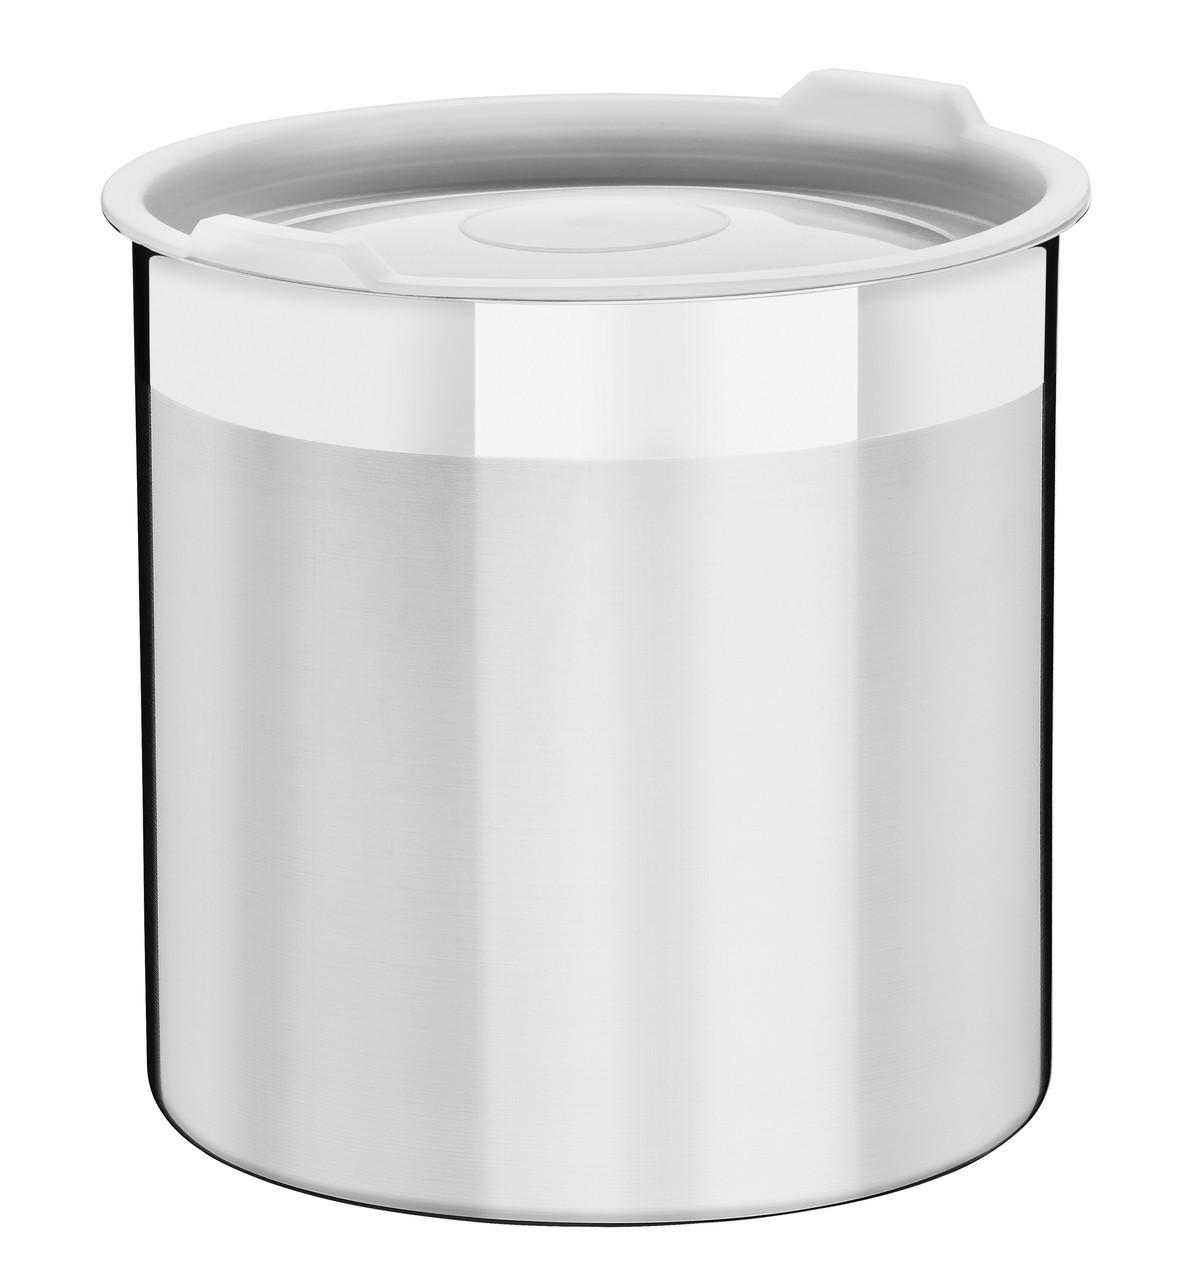 Емкость кухонная с крышкой стальная 18см 5,28л 61227/180 Cucina Tramontina